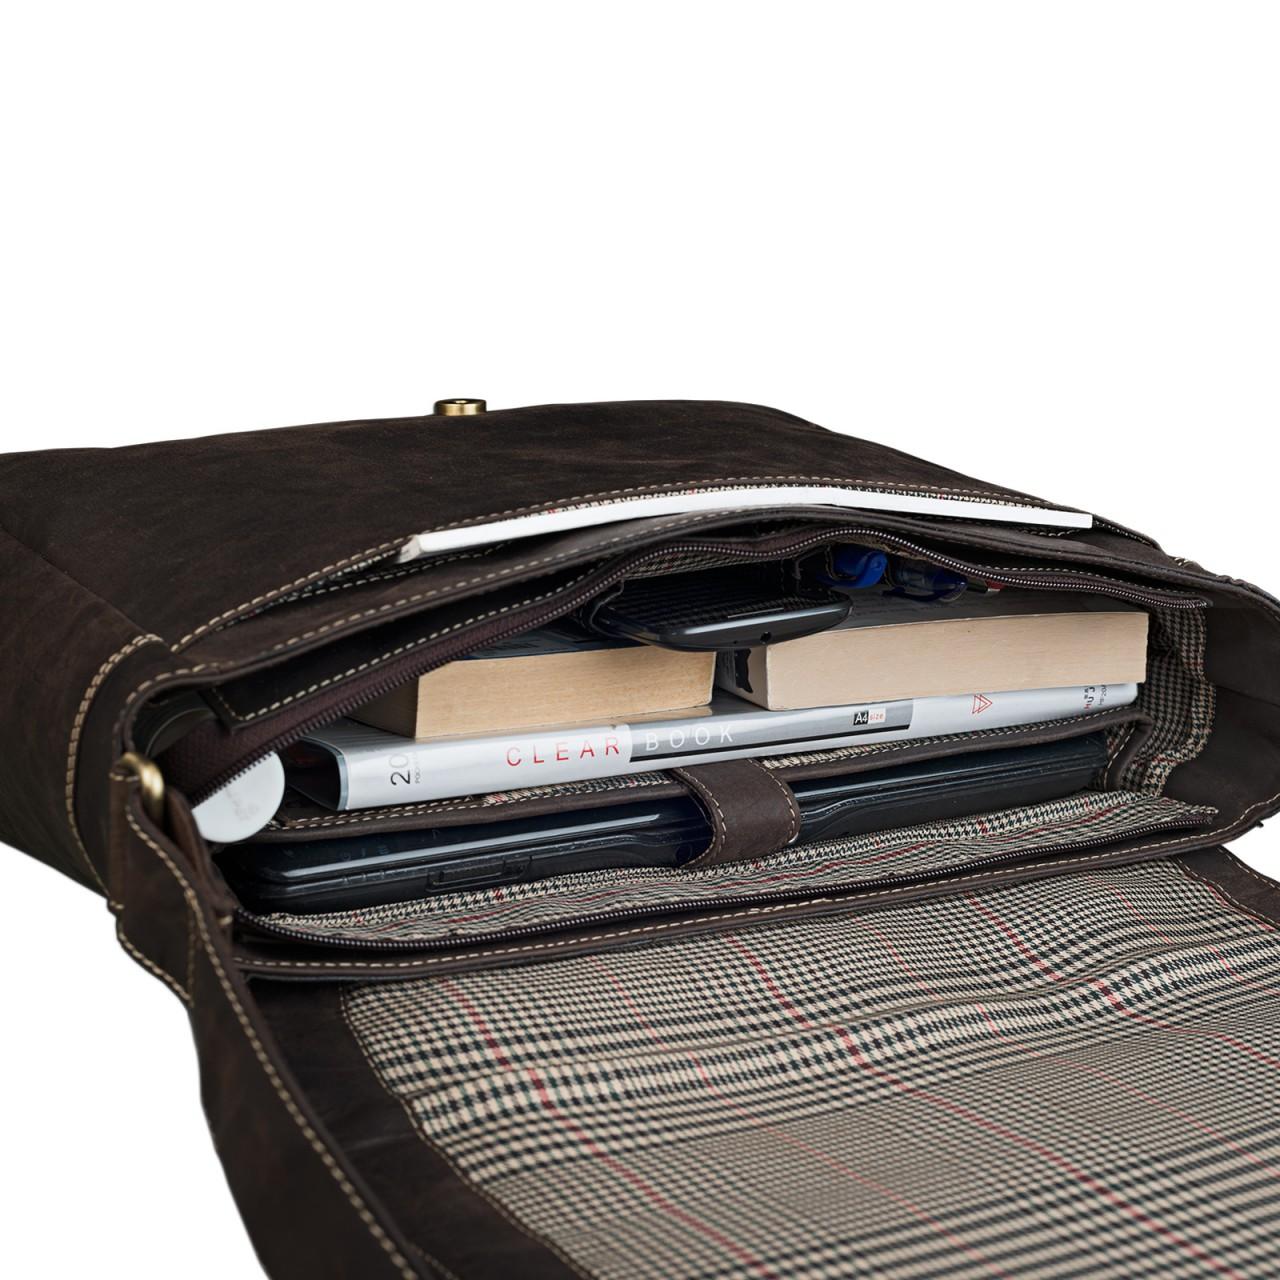 """STILORD """"Phil"""" Vintage Leder Umhängetasche für Herren und Damen Laptoptasche Unitasche Aktentasche Bürotasche Tasche echtes Leder - Bild 12"""